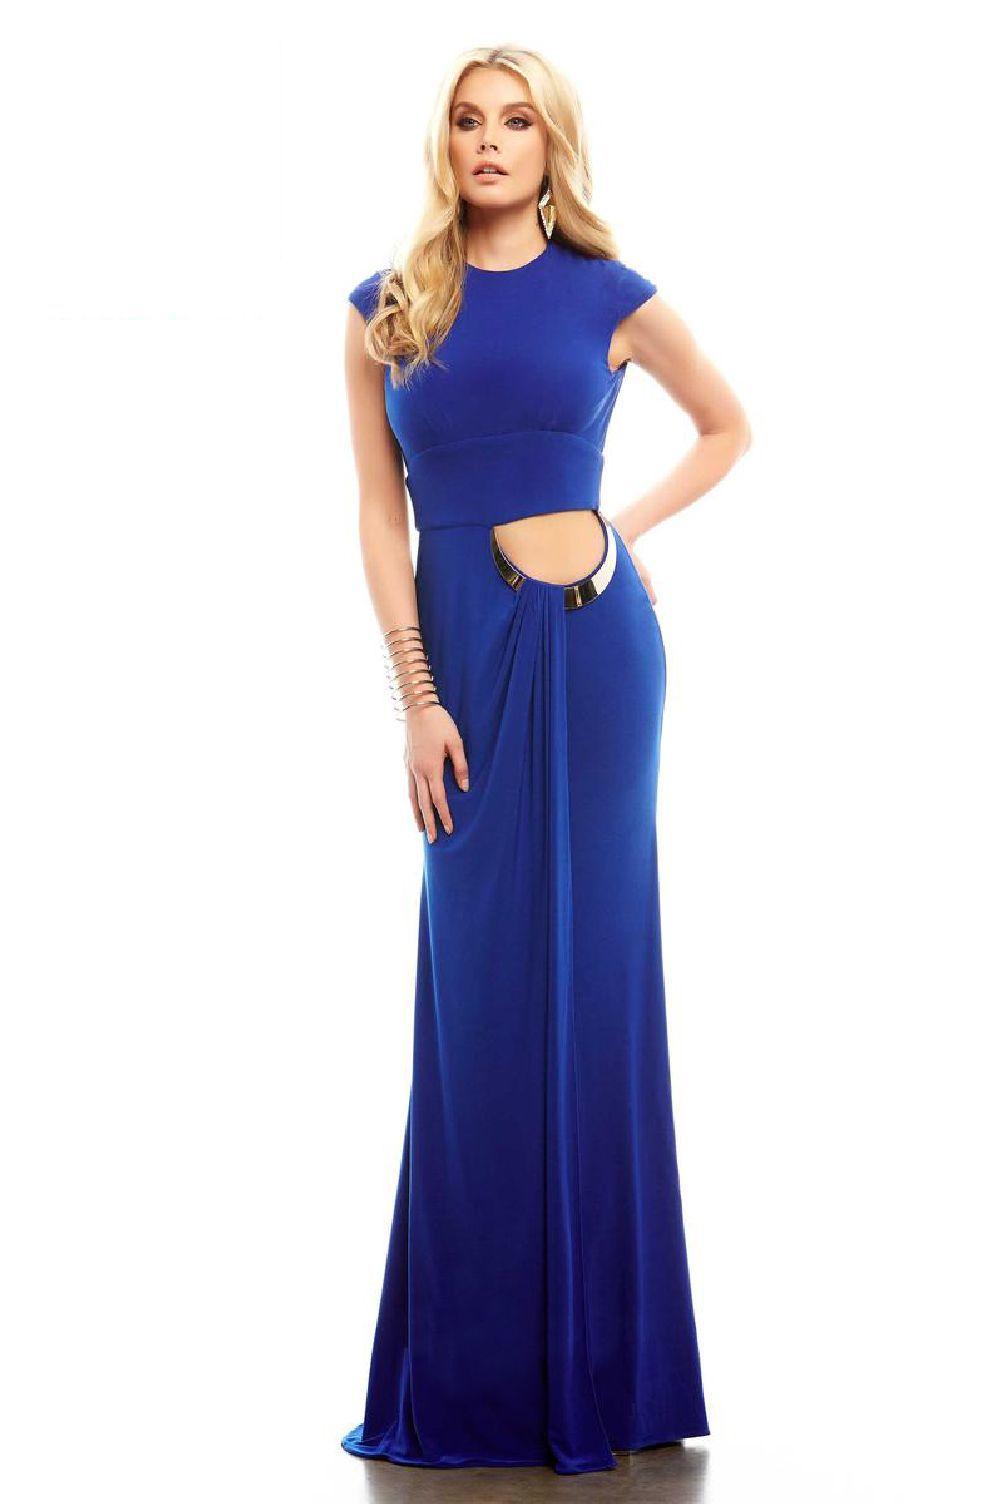 Cassandra Stone 485 Синее платье длинное, спина открыта с вырезом на поясе